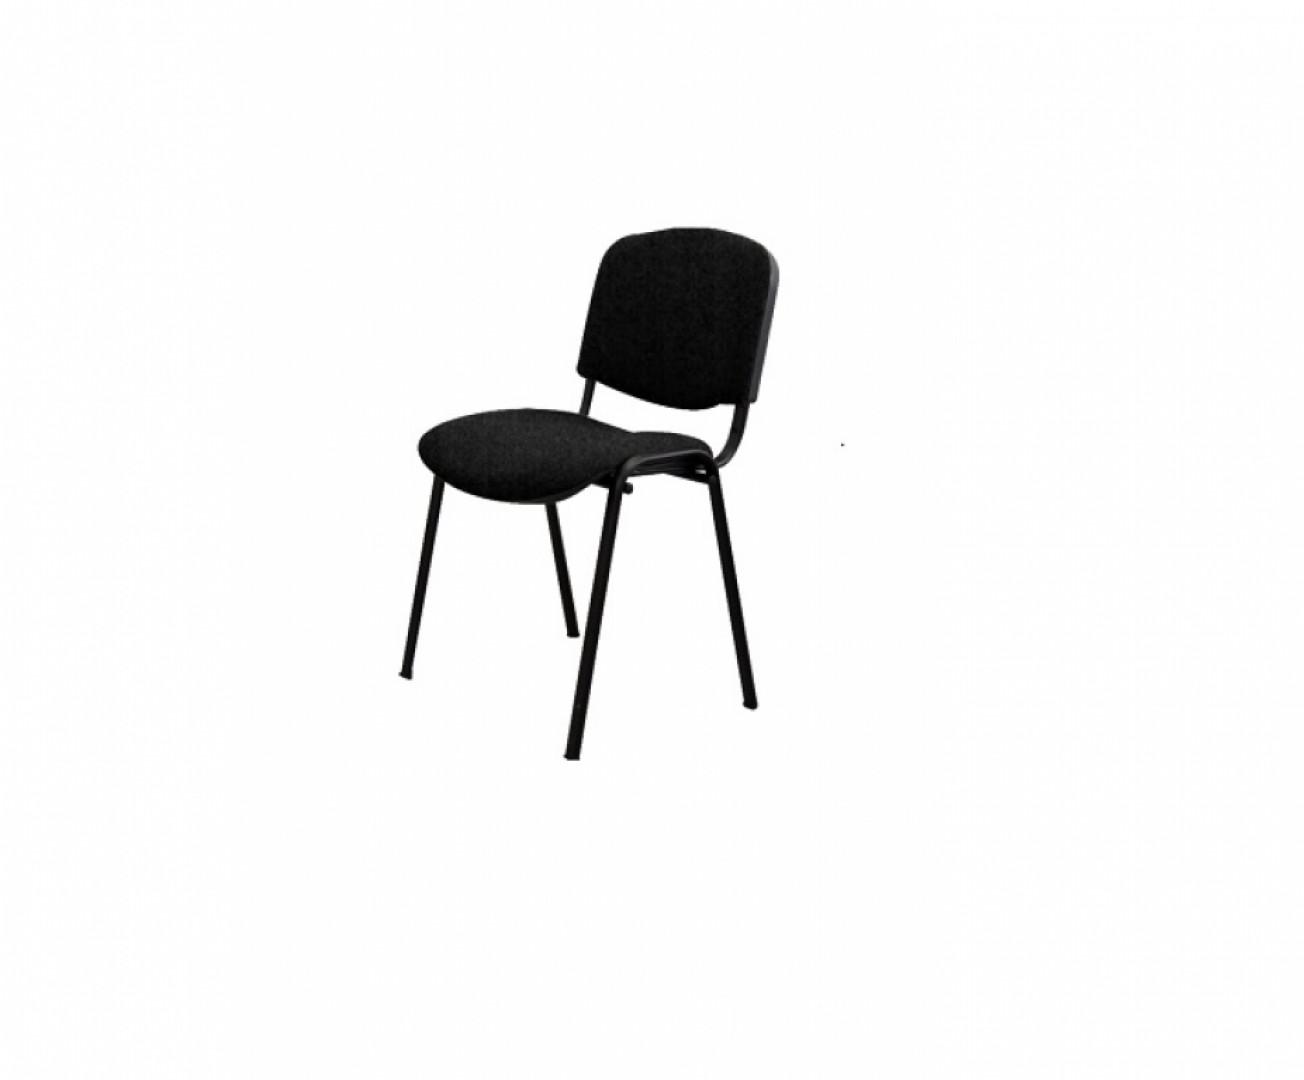 edaa972c0afa Stohovateľné stoličky ISO - cenovo dostupné a praktické